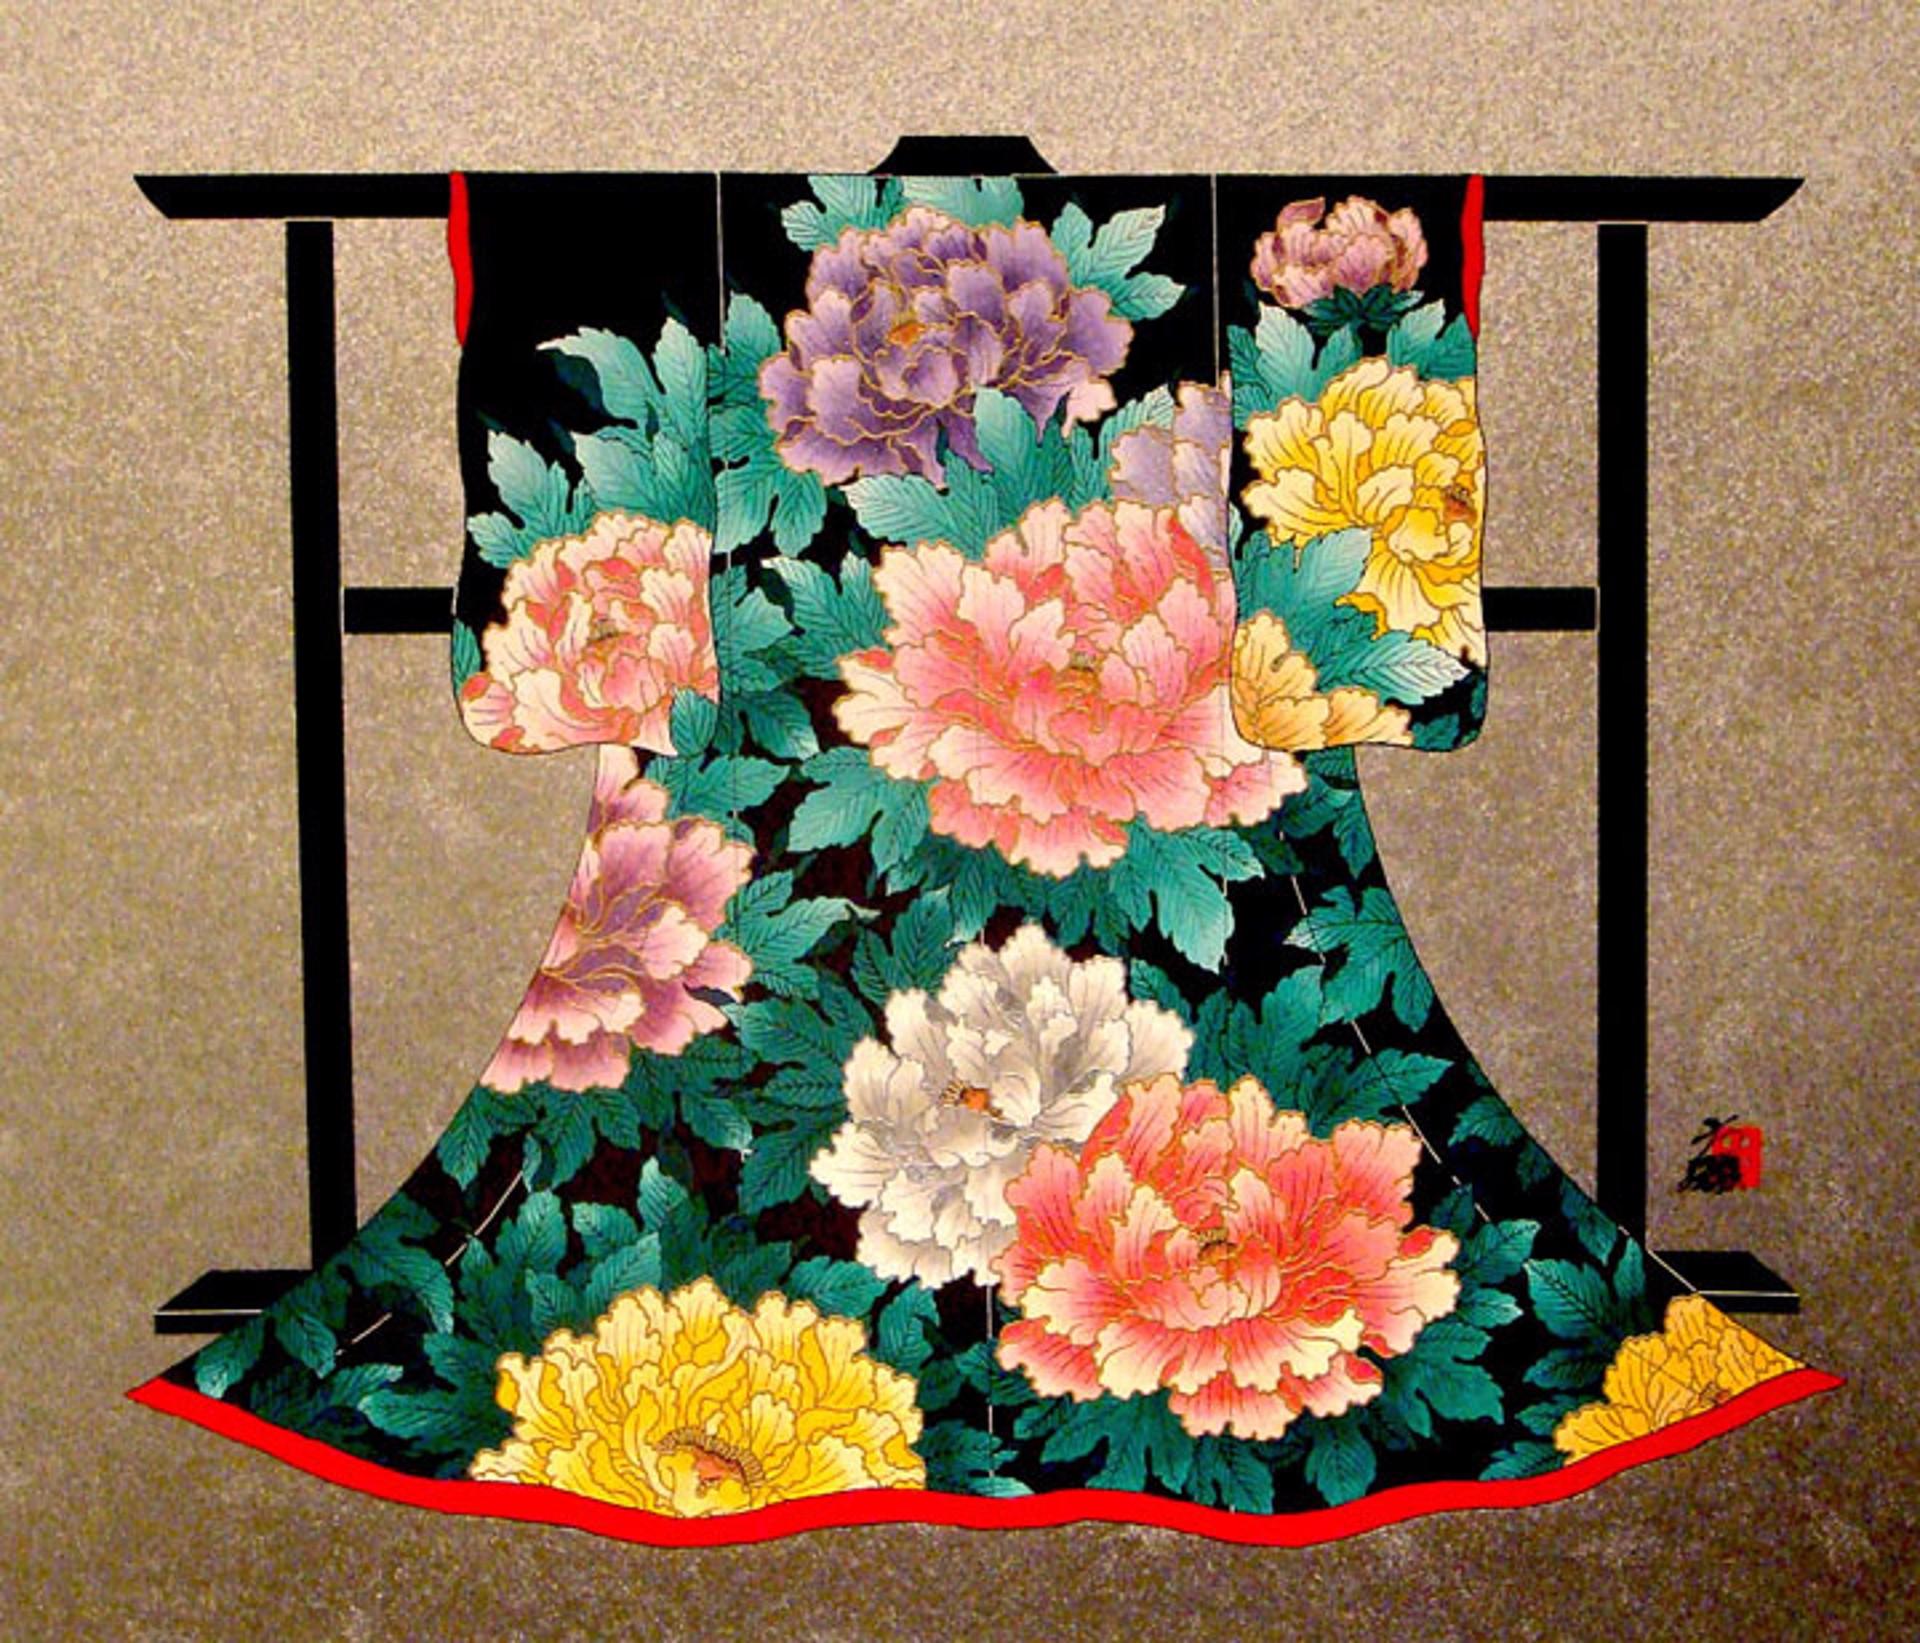 Multiple Peonies by Hisashi Otsuka